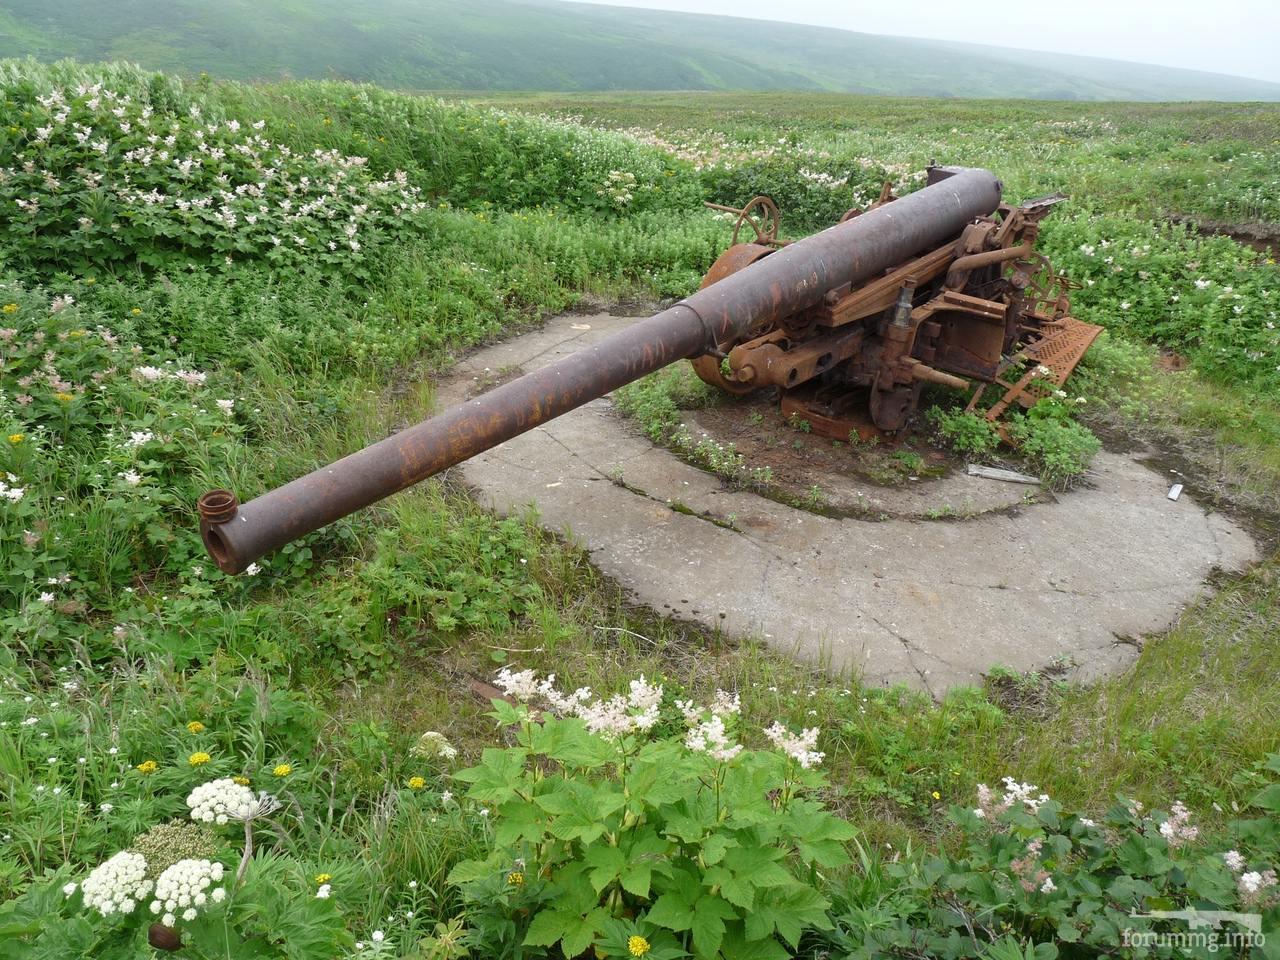 126741 - Корабельные пушки-монстры в музеях и во дворах...